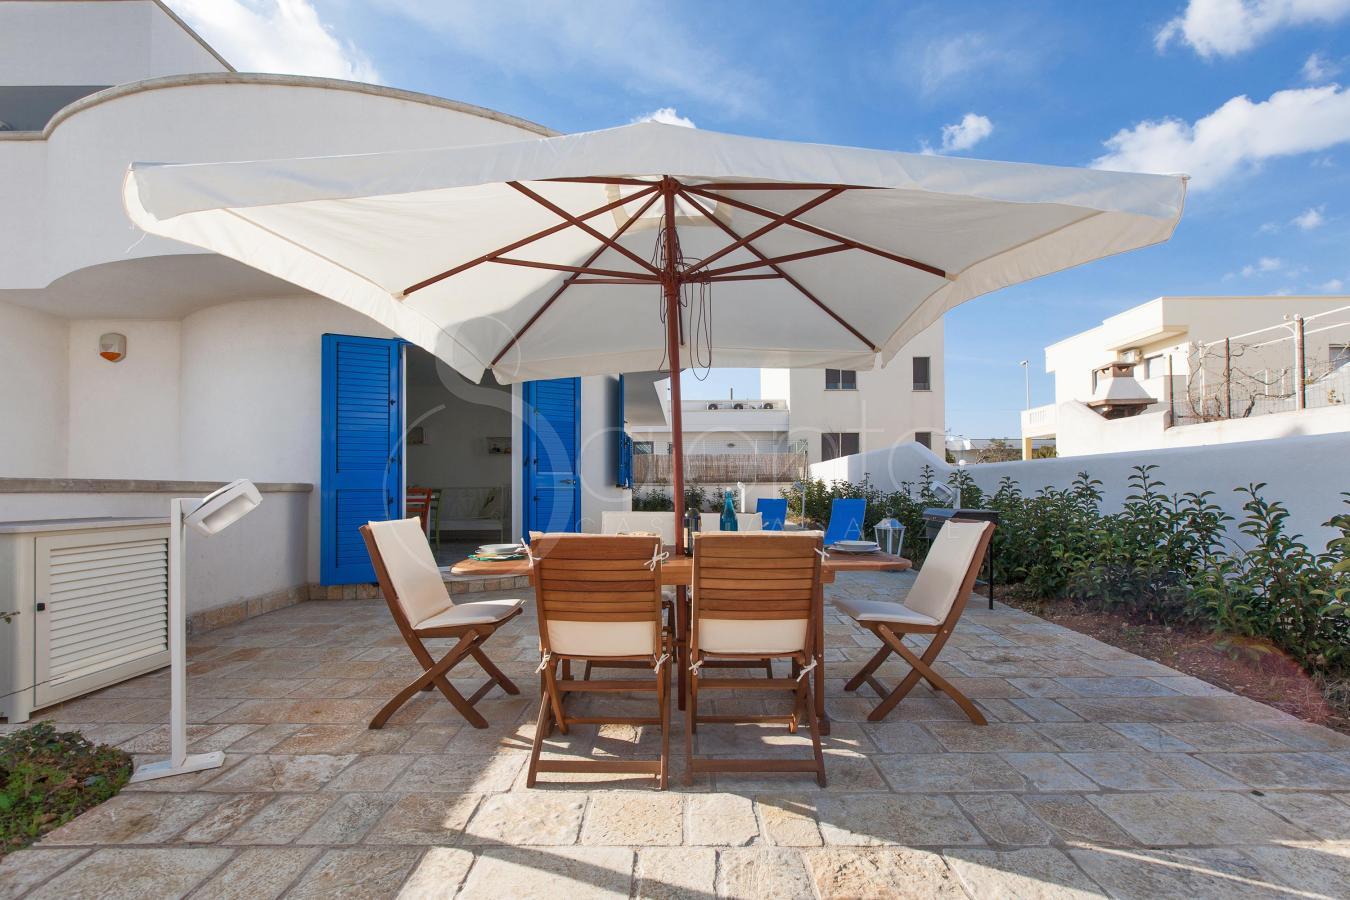 small villas - Pescoluse ( Leuca ) - Le Dimore Turchesi - Trilo D